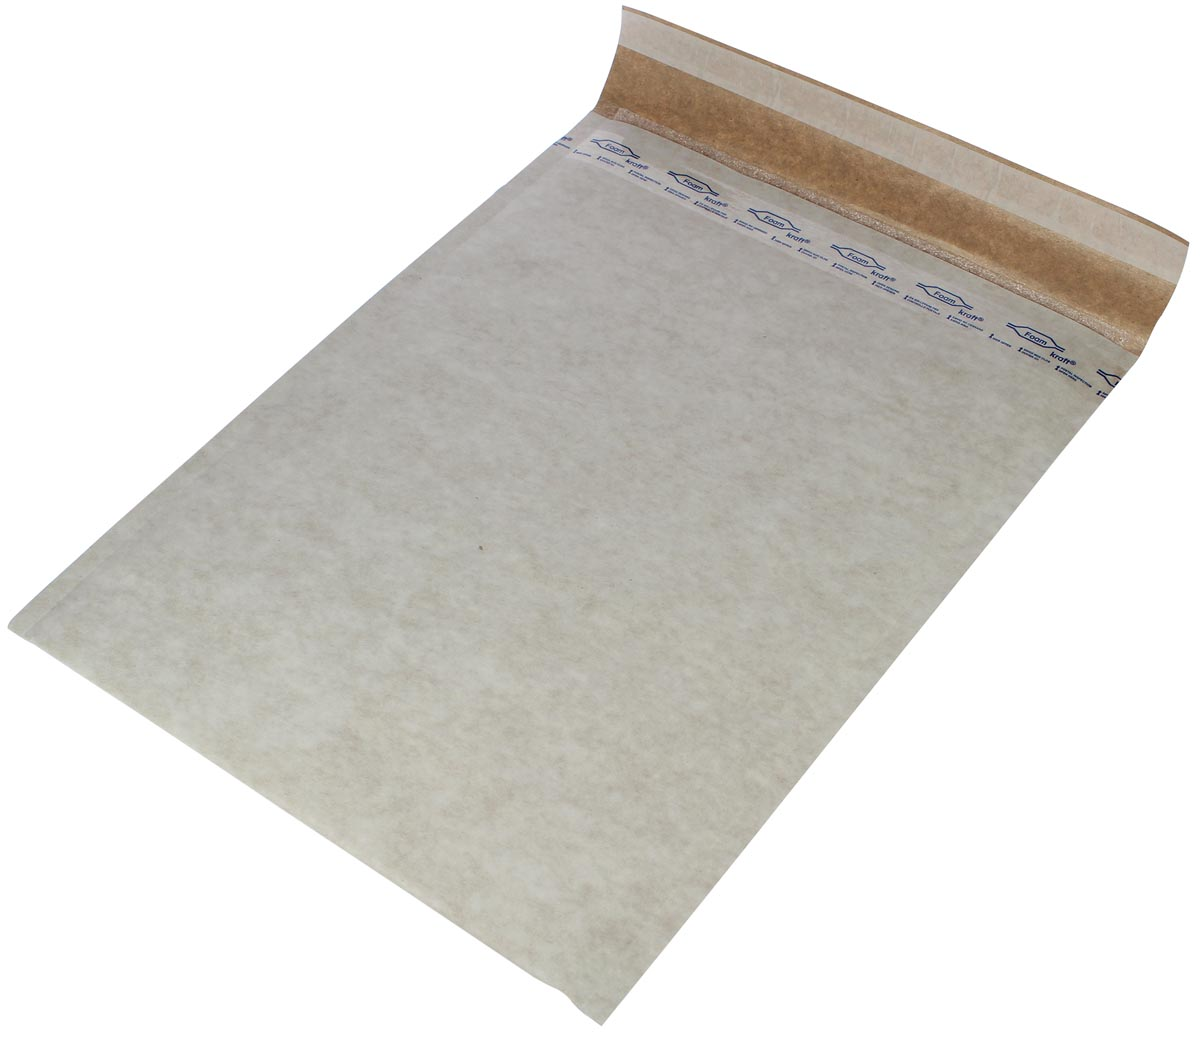 FOAMKRAFT® verzendenveloppen met schuimvulling ft 267 x 376 mm, pak van 10 stuks